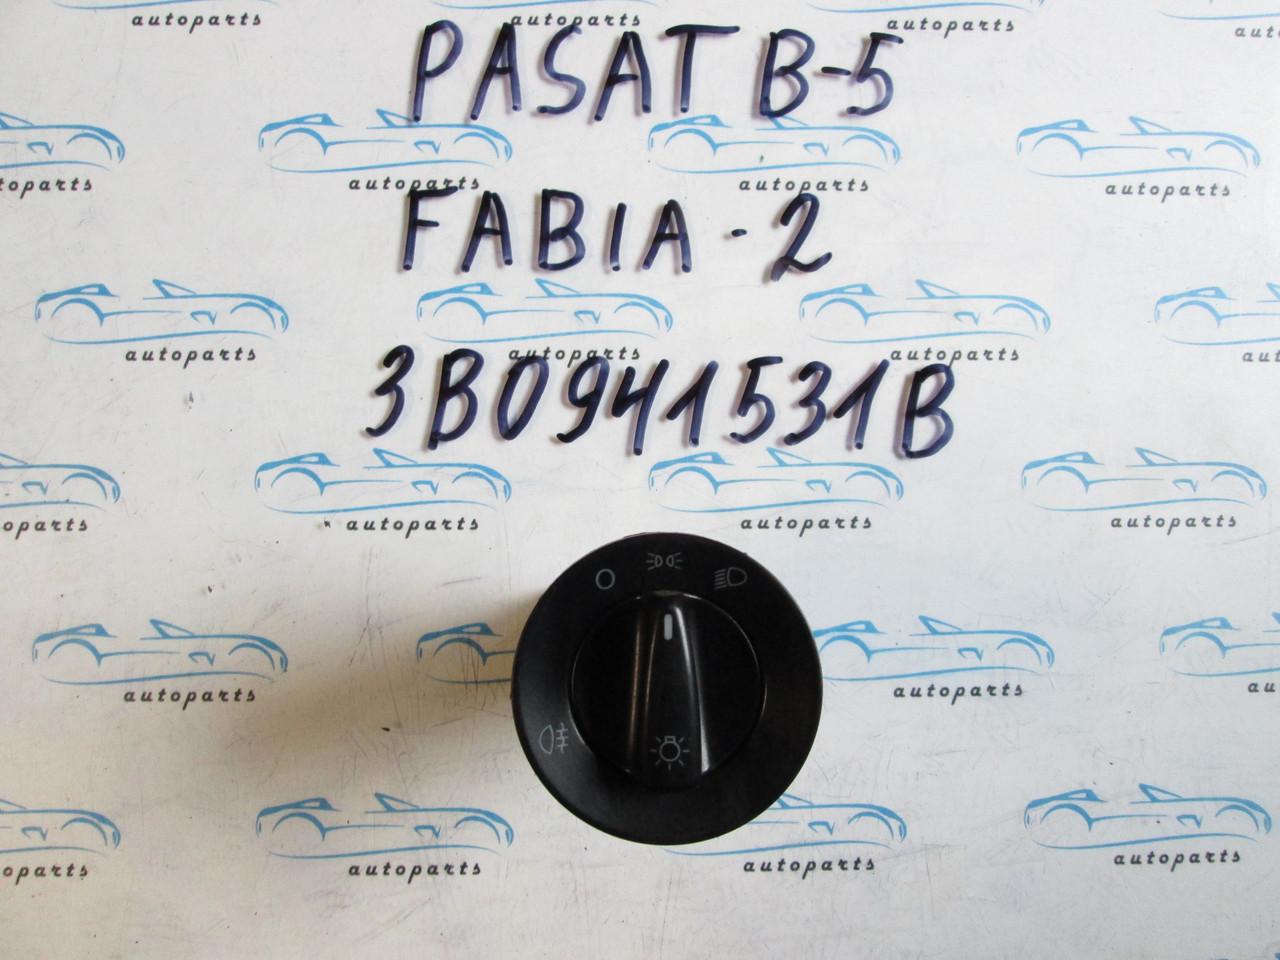 Перемикач світла Passat B5, Octavia 3B0941531B